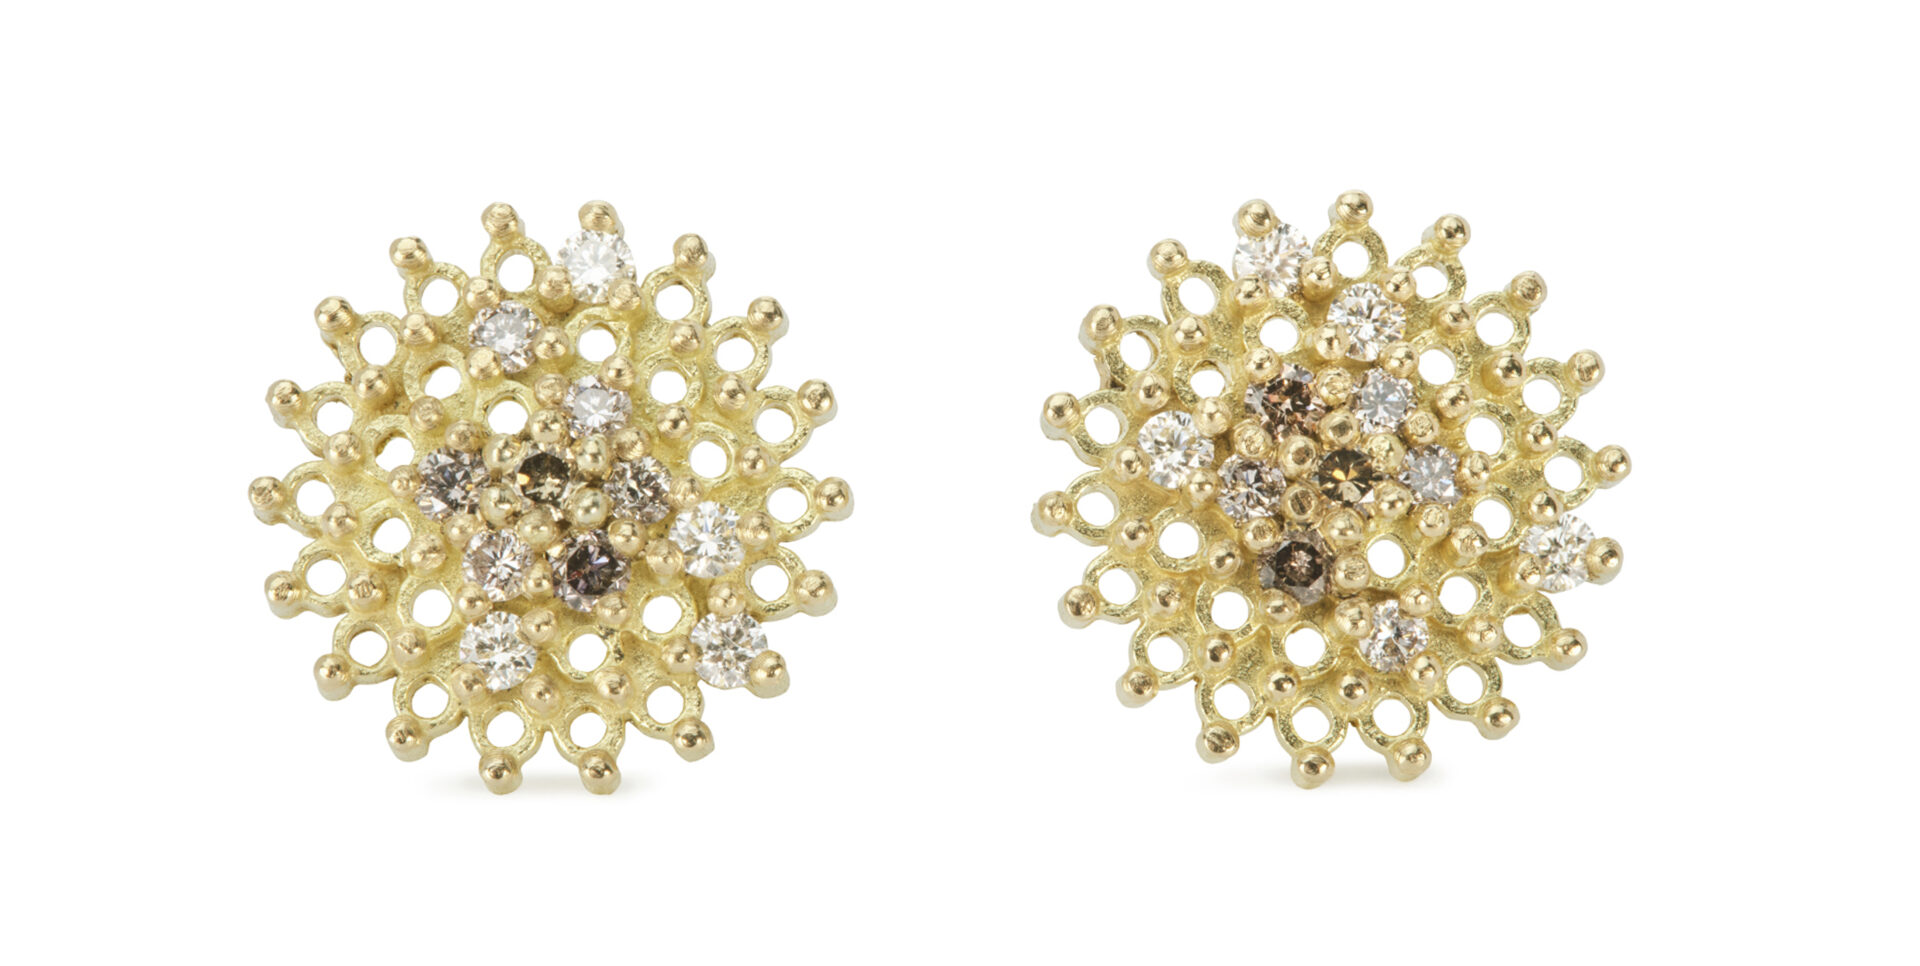 Autumn Diamond Stud Earrings